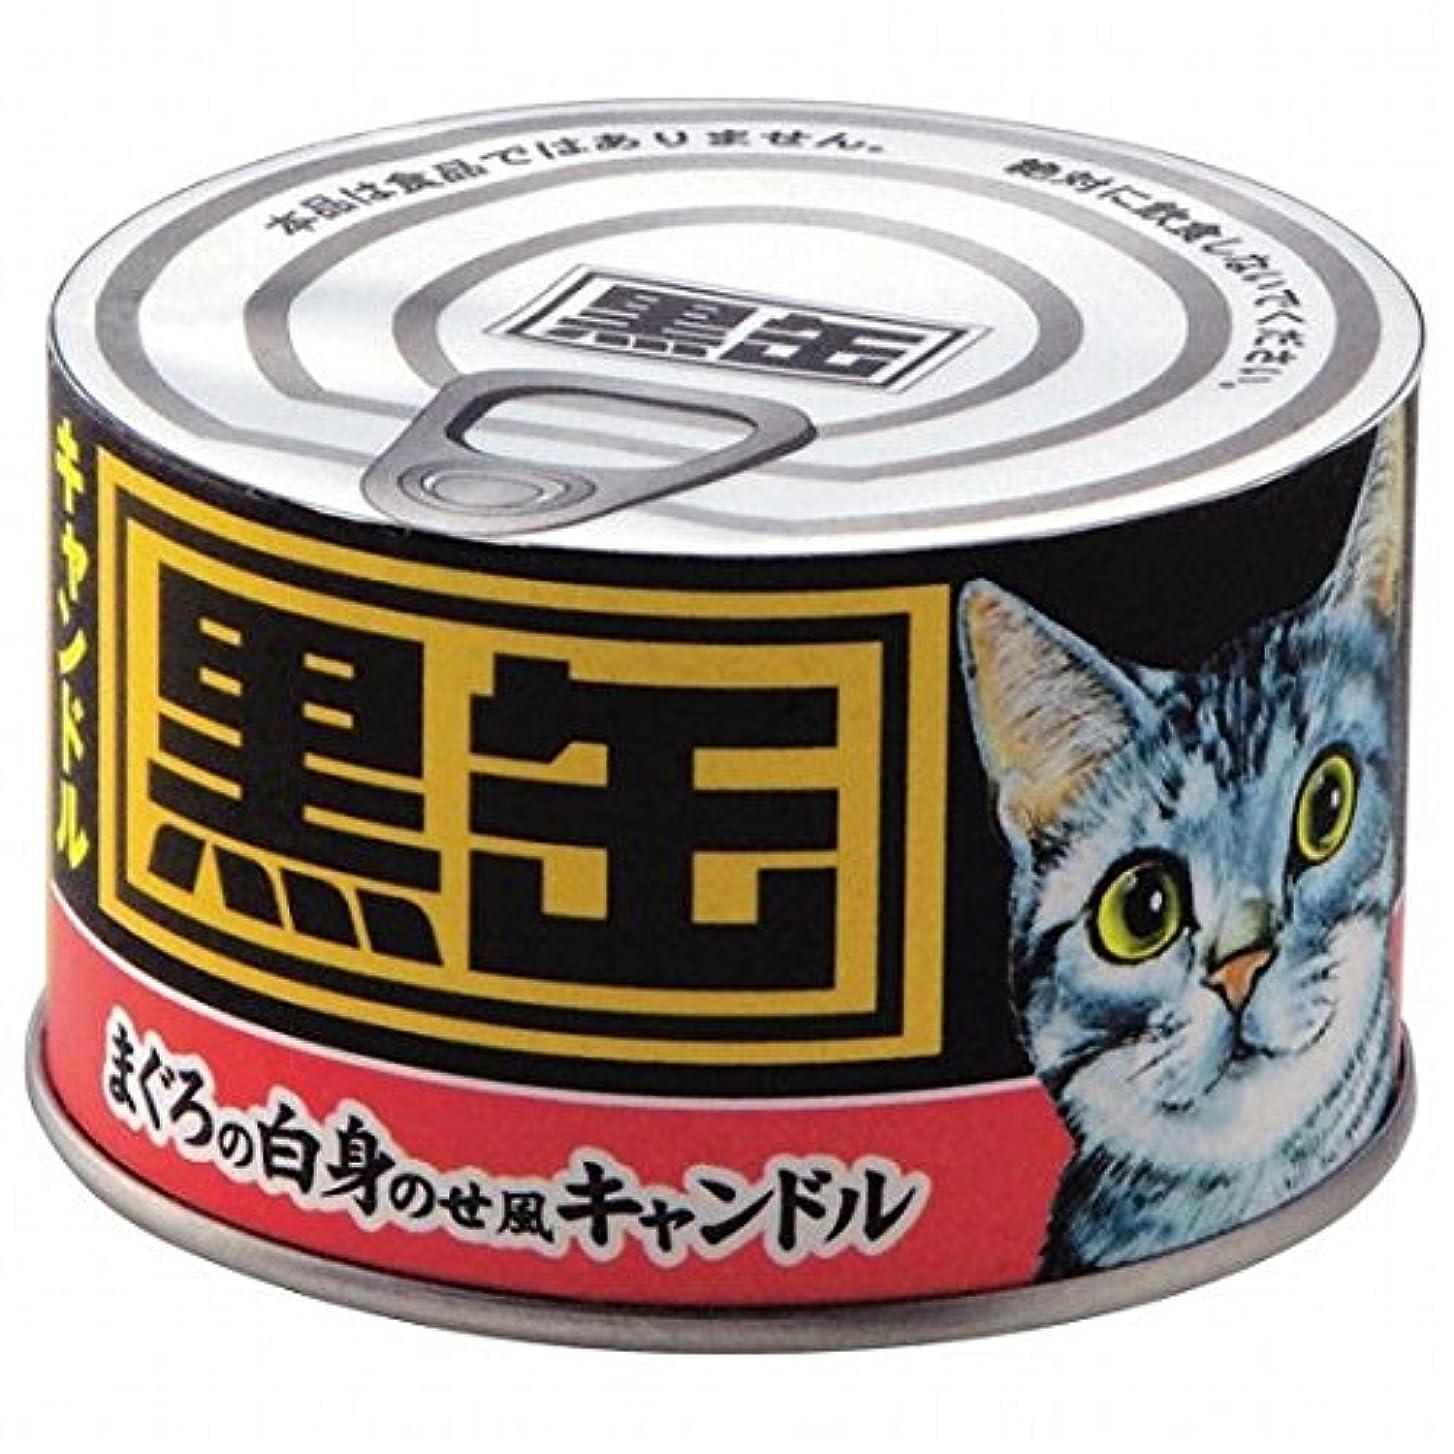 クラフト時折プレゼンテーションカメヤマキャンドル( kameyama candle ) 黒缶キャンドル